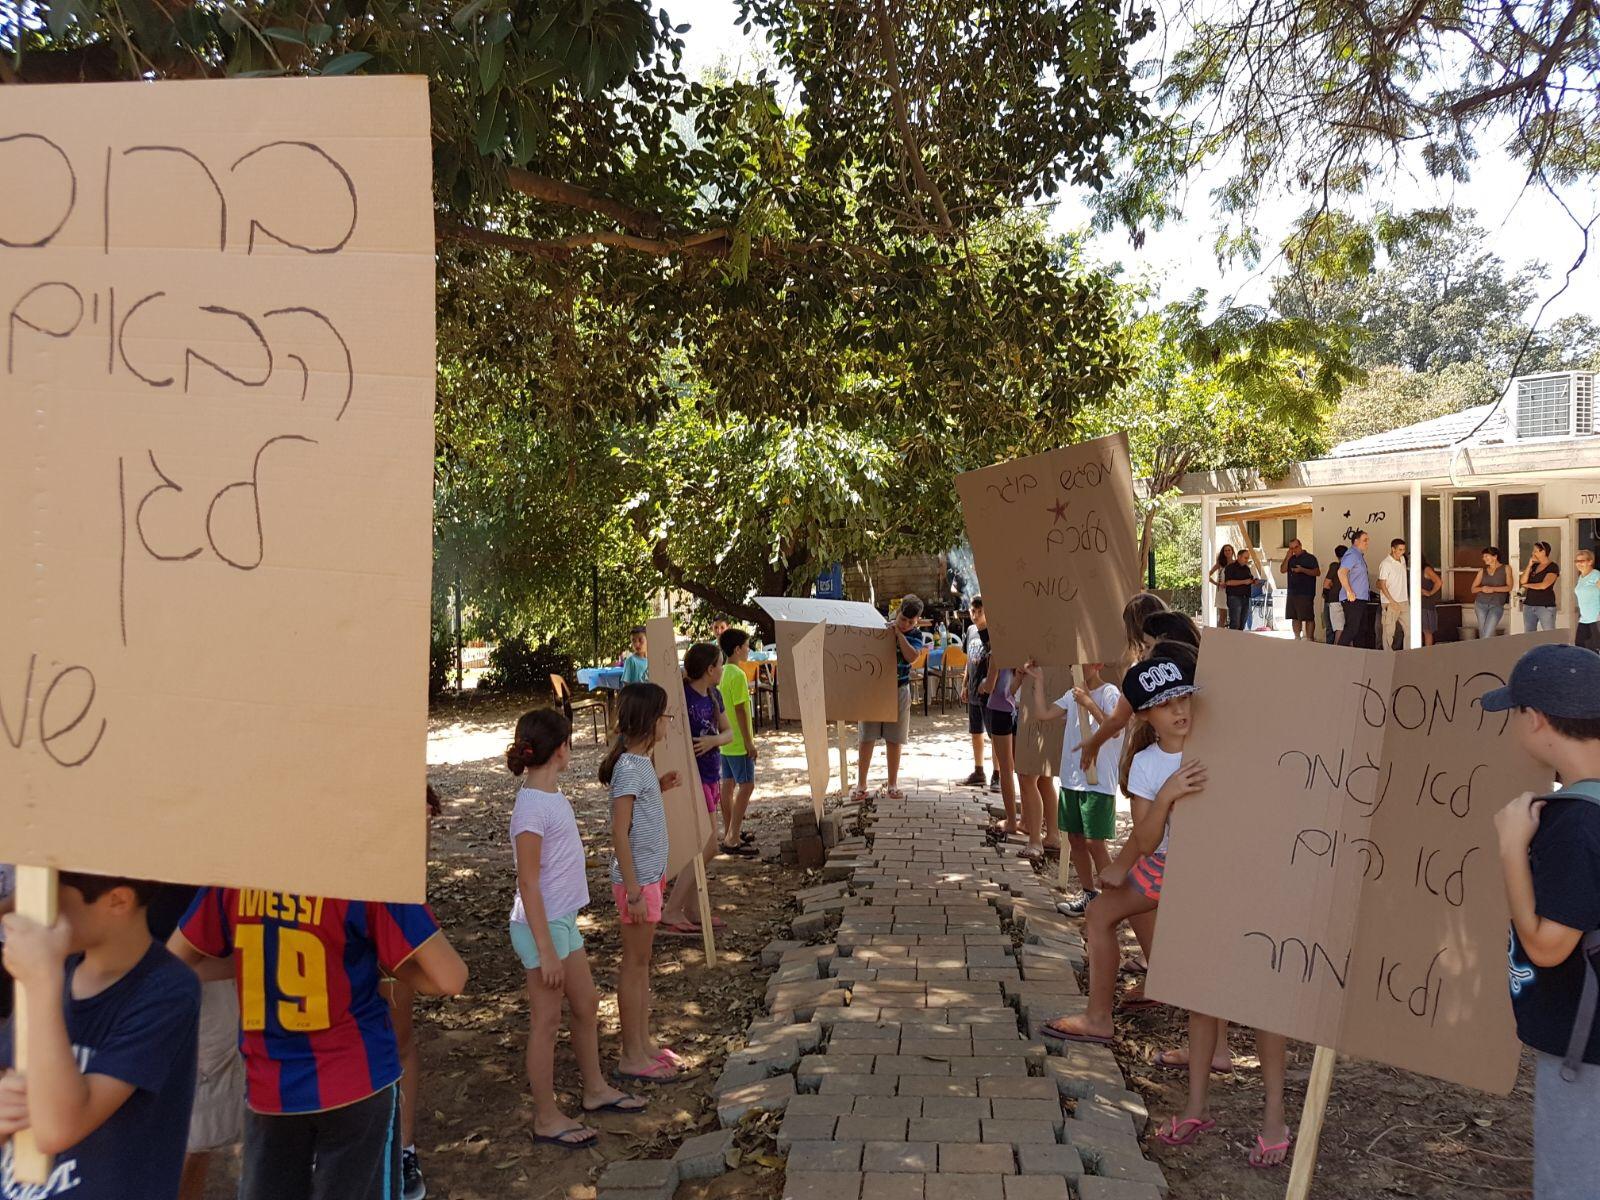 מחזור ז' חניכי שלוחת בית אסף בקיבוץ גן שמואל בסיום מסע פתיחת שנה 310817 (1)